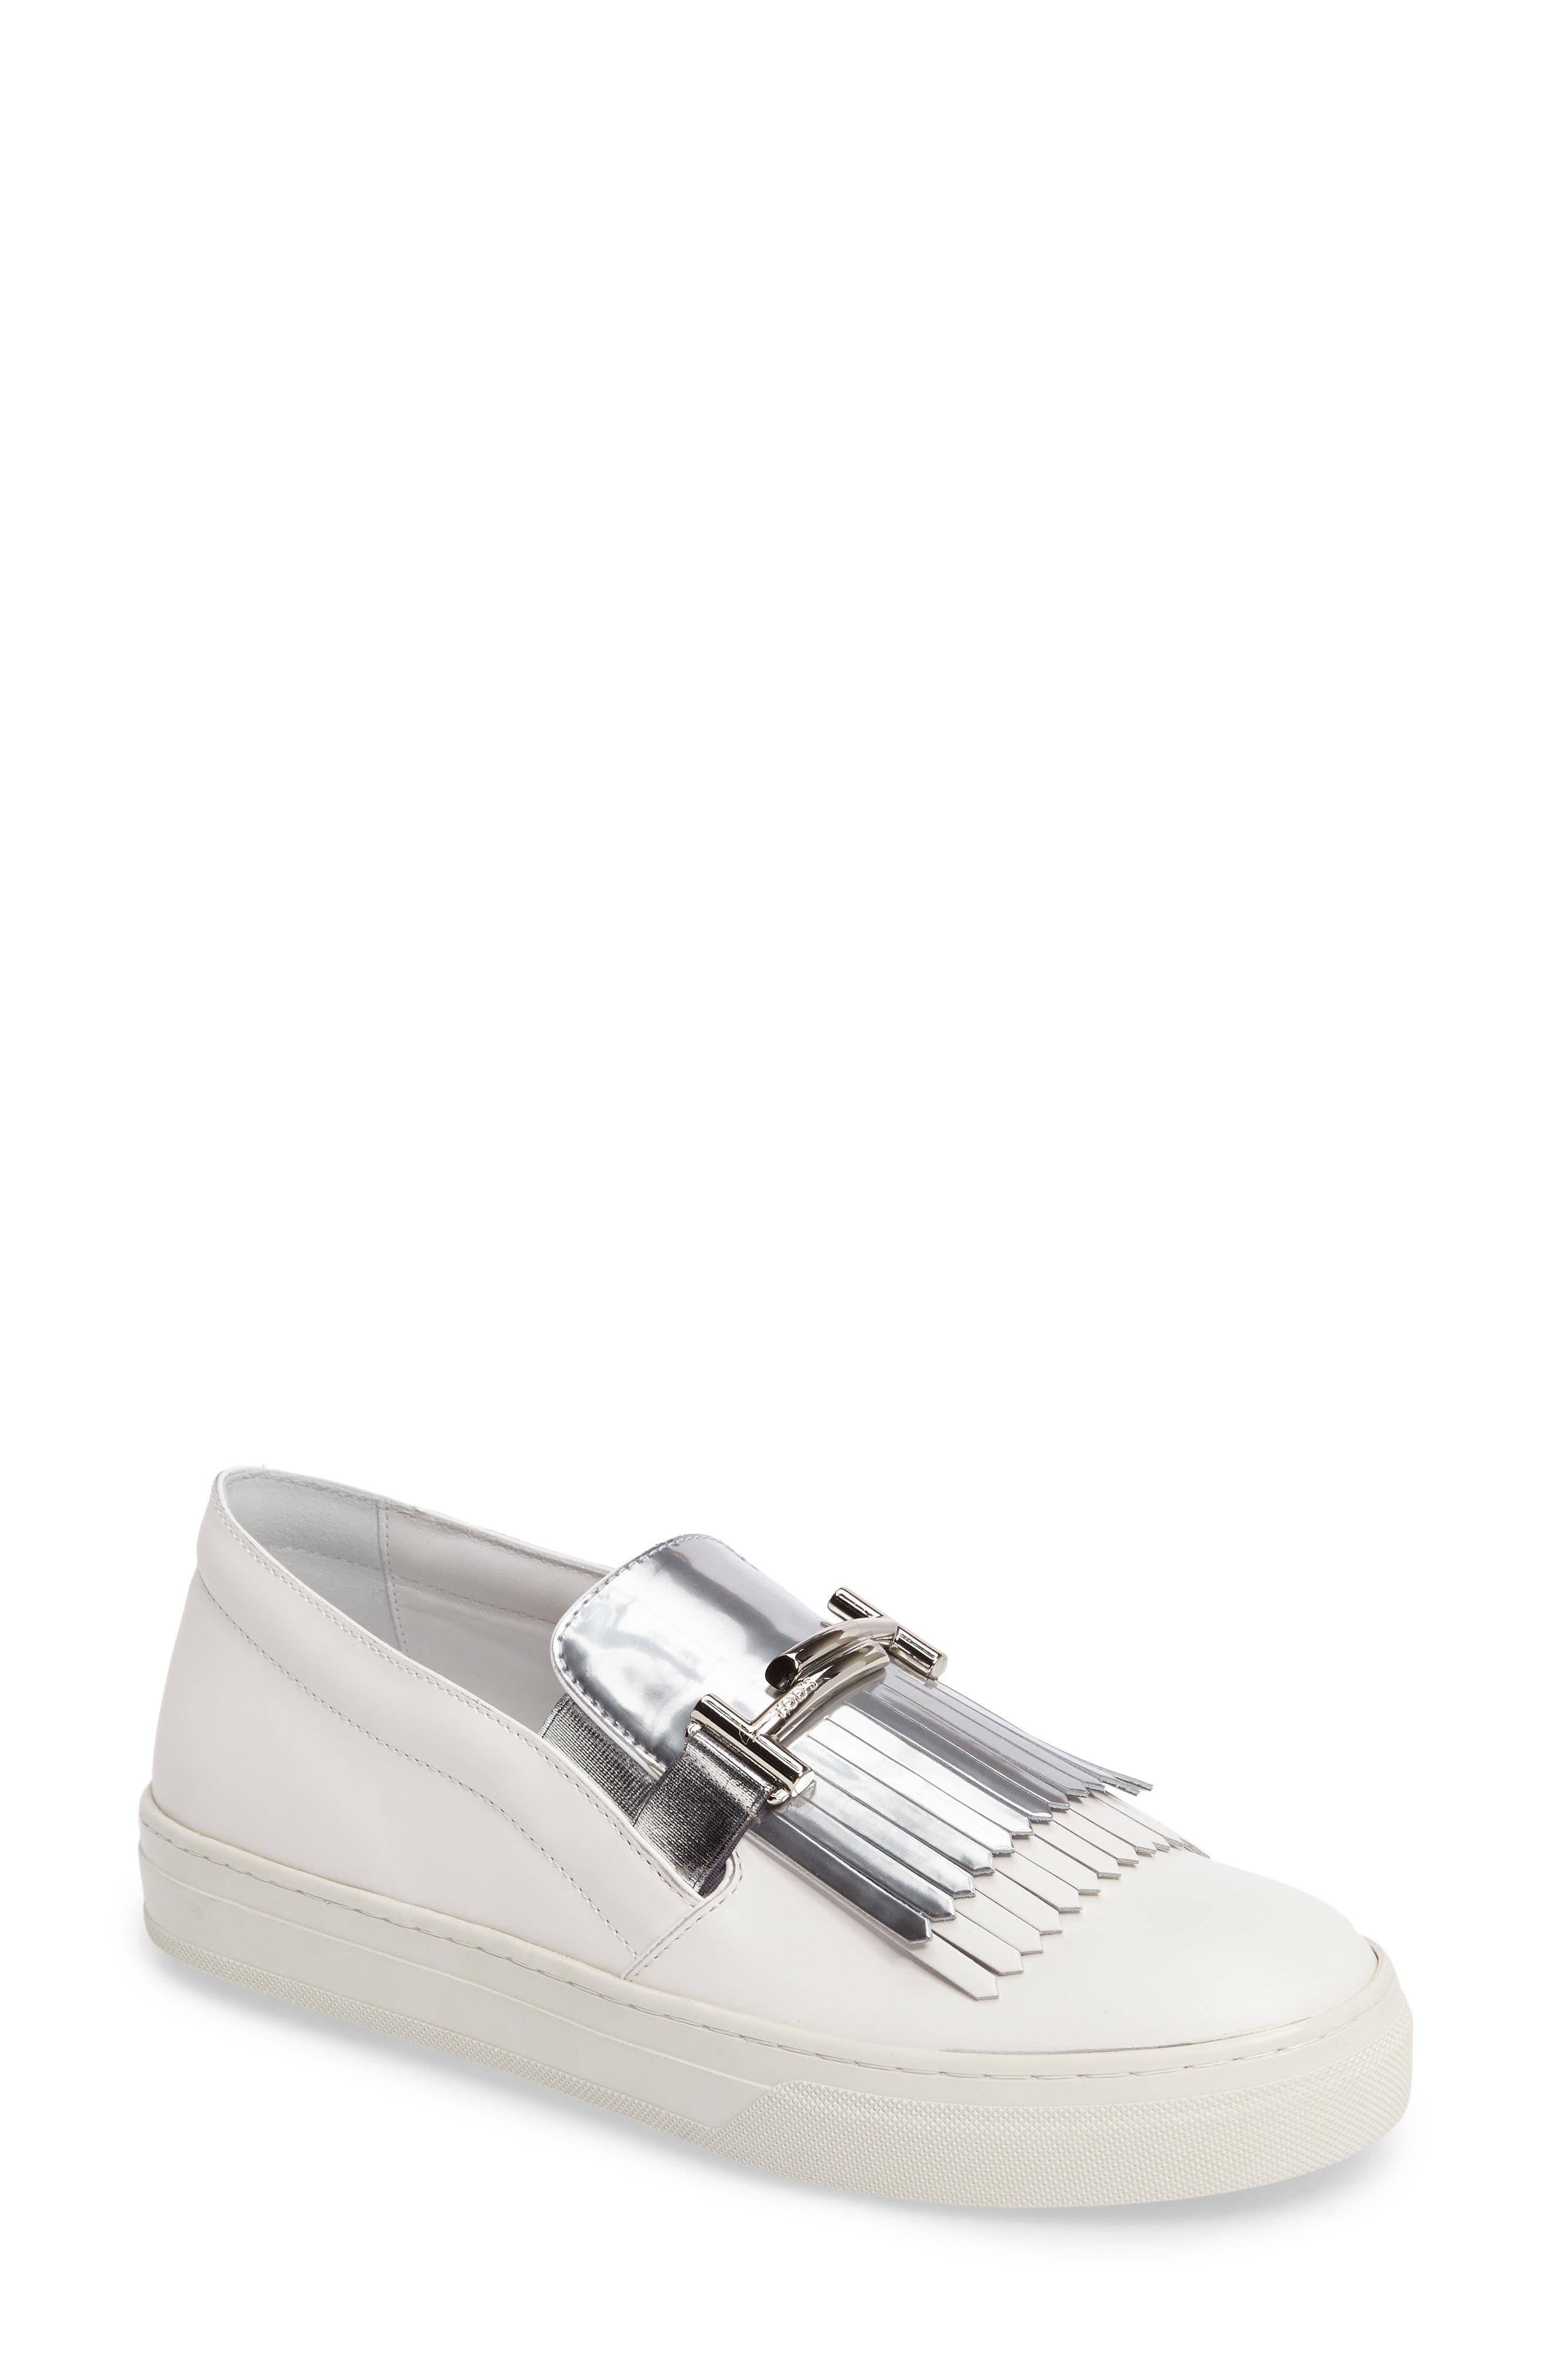 Alternate Image 1 Selected - Tod's Double-T Kiltie Fringe Slip-On Sneaker (Women)